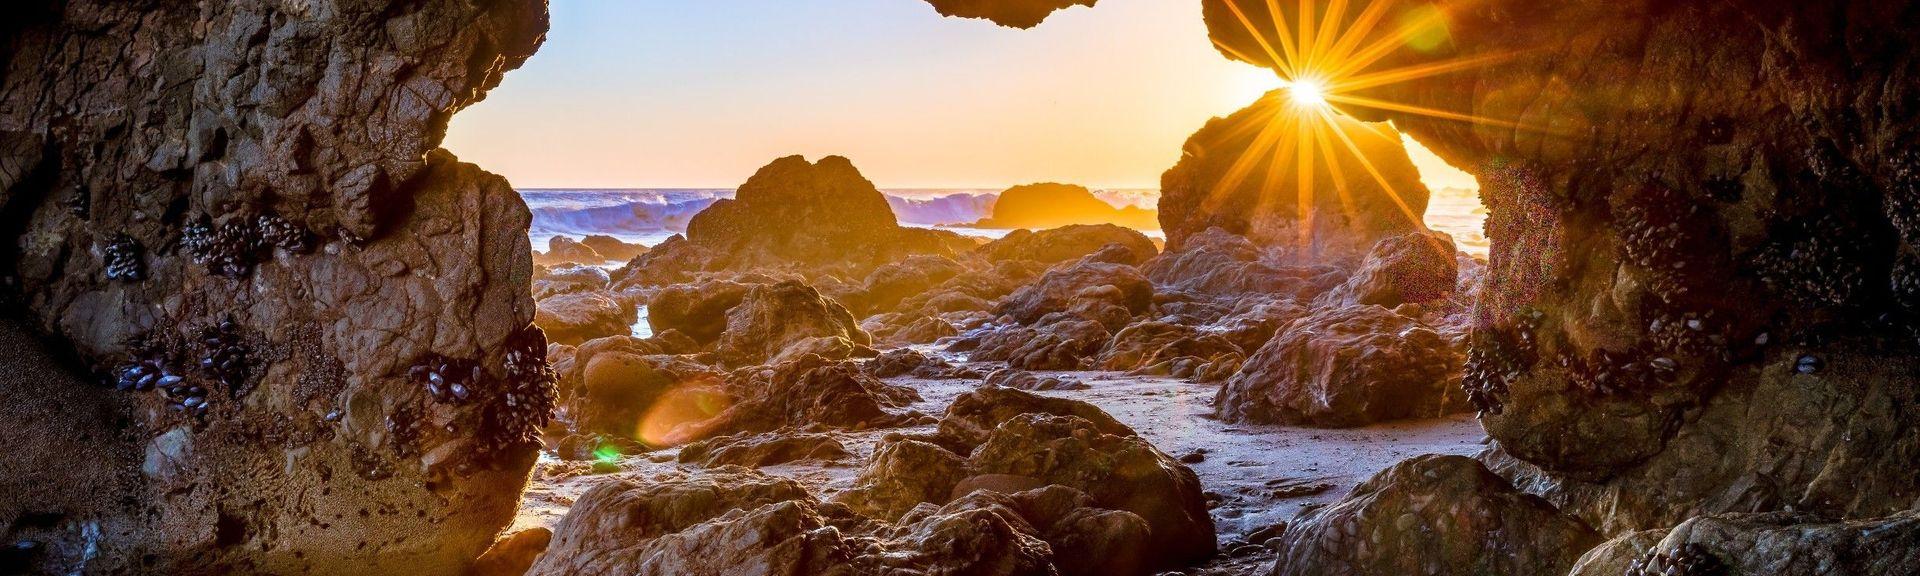 El Matador State Beach, Malibu, Califórnia, Estados Unidos